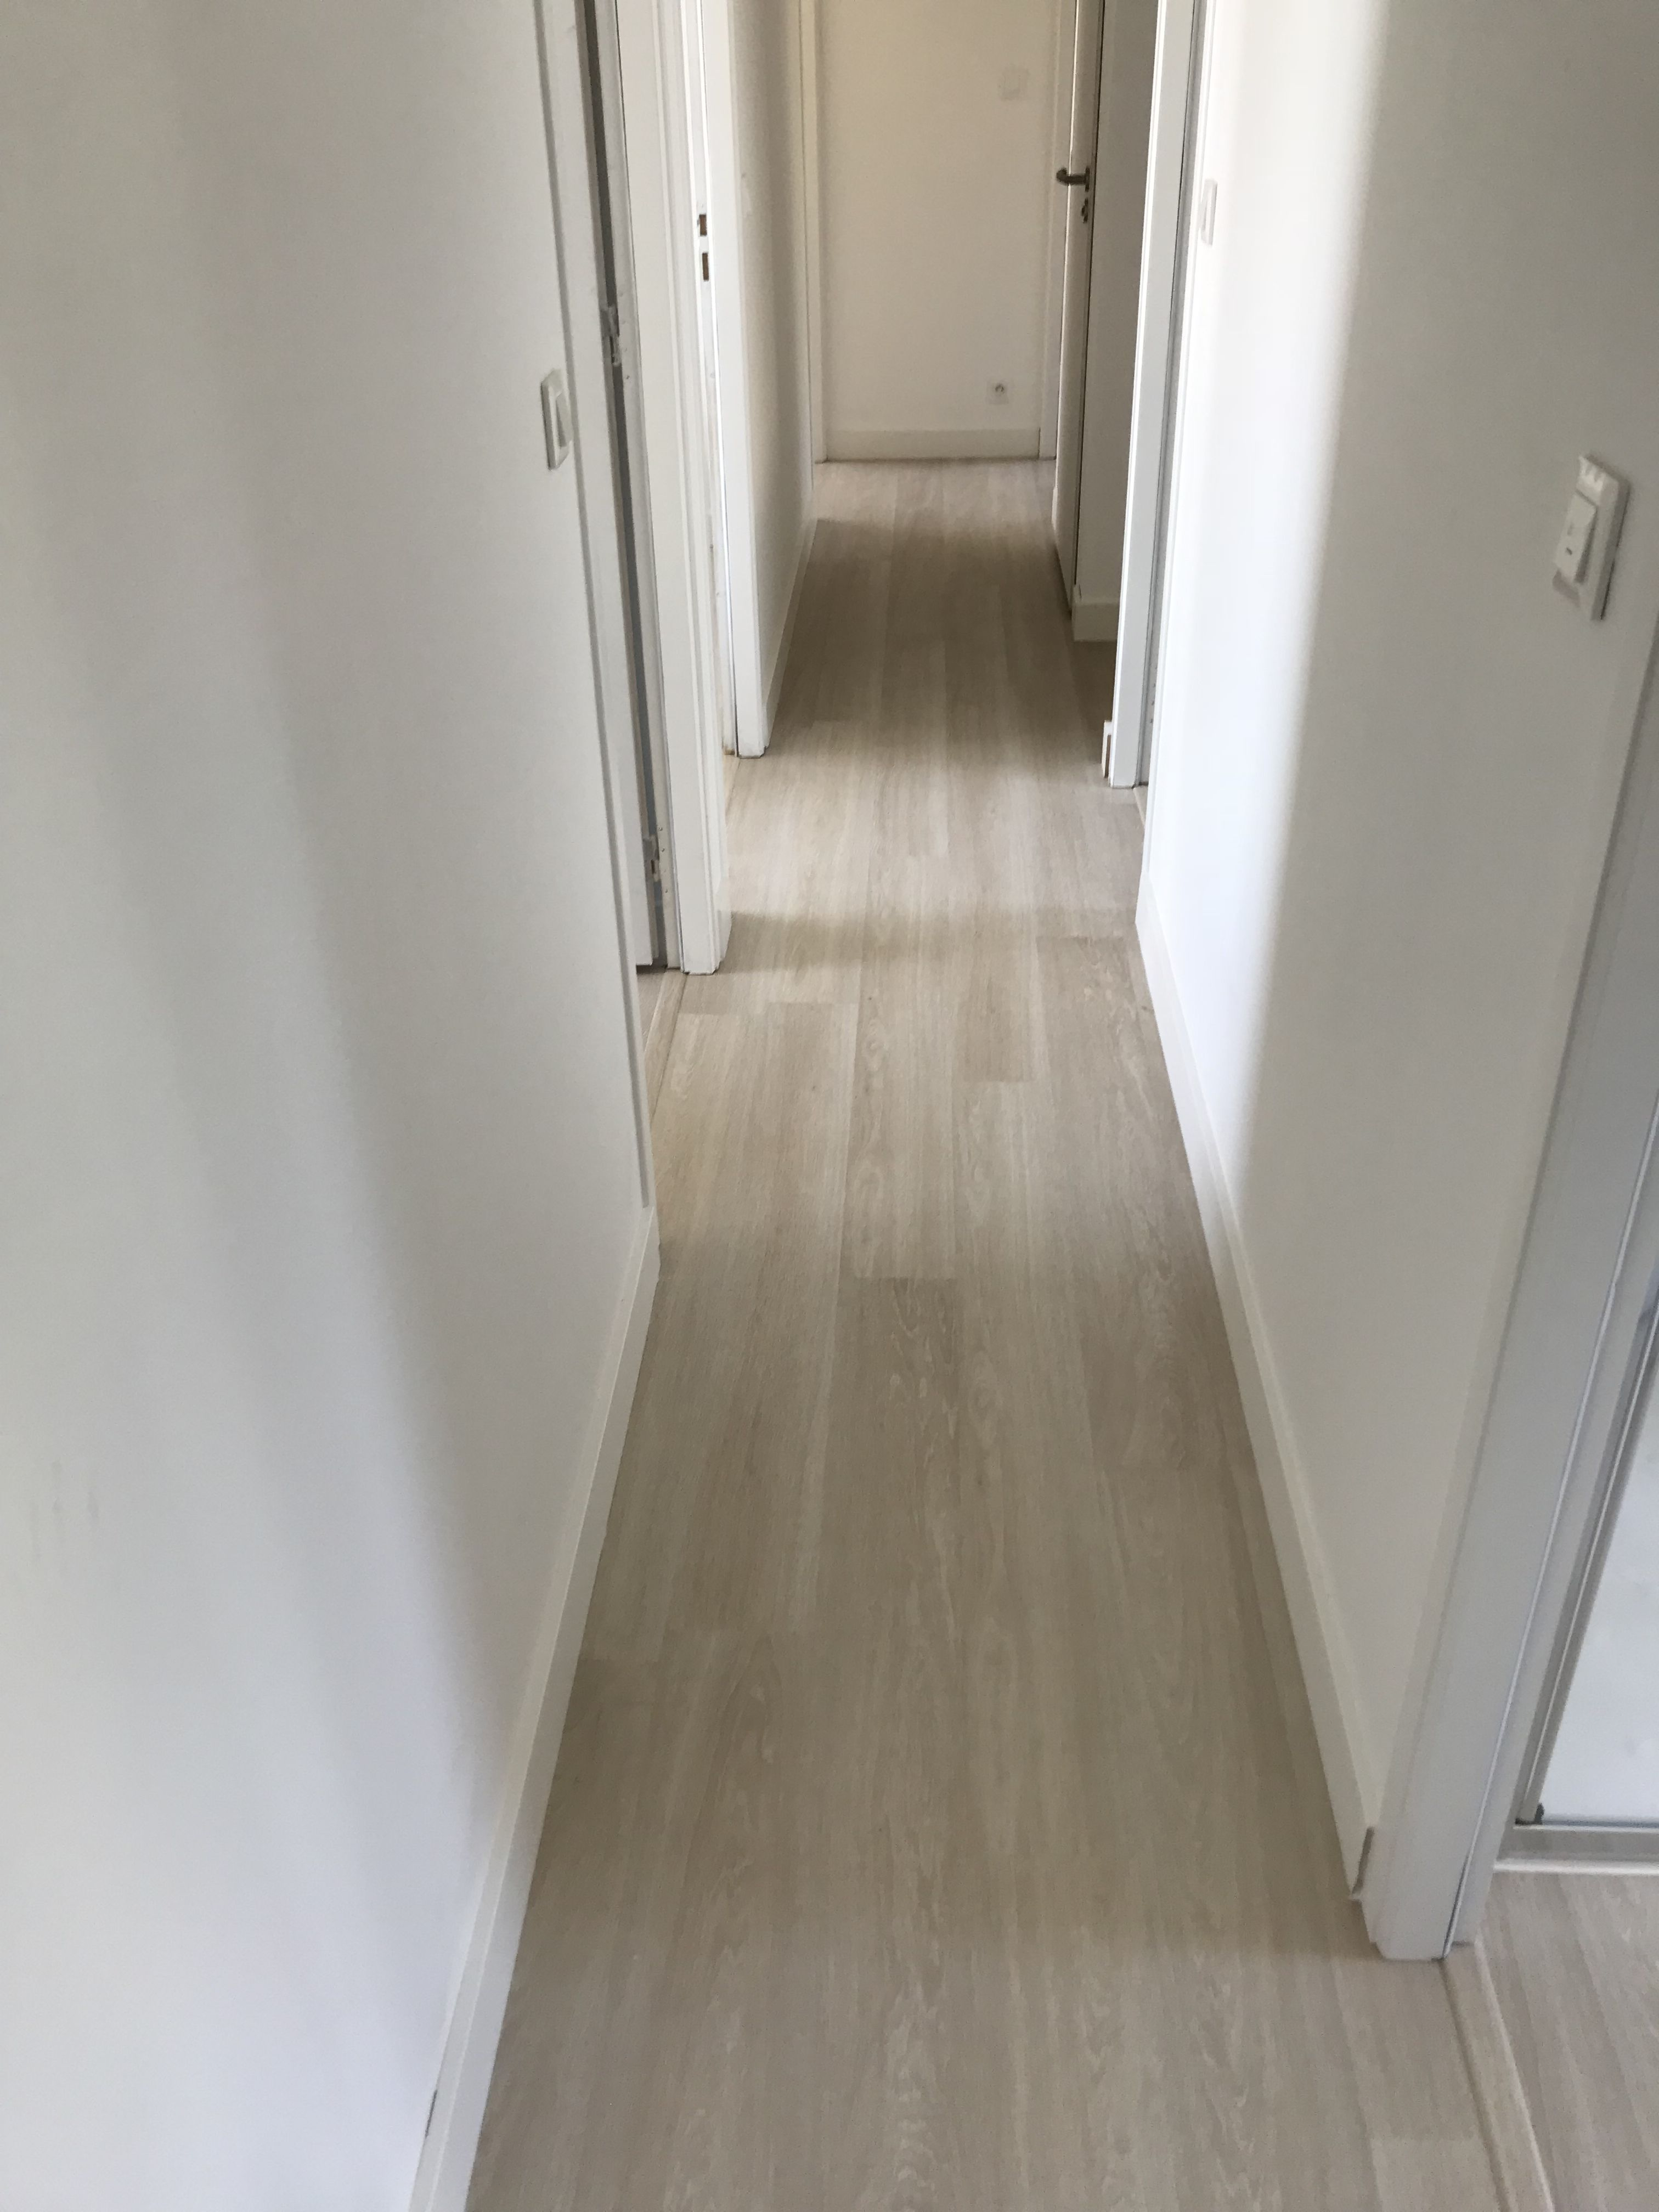 Une Maison Entiere Realisee En Sol Stratifie Meme Les Salles De Bains Et L Escalier Au Rdc Quick Step Majestic Mj3554 Chene Sol Stratifie Parquet Stratifie